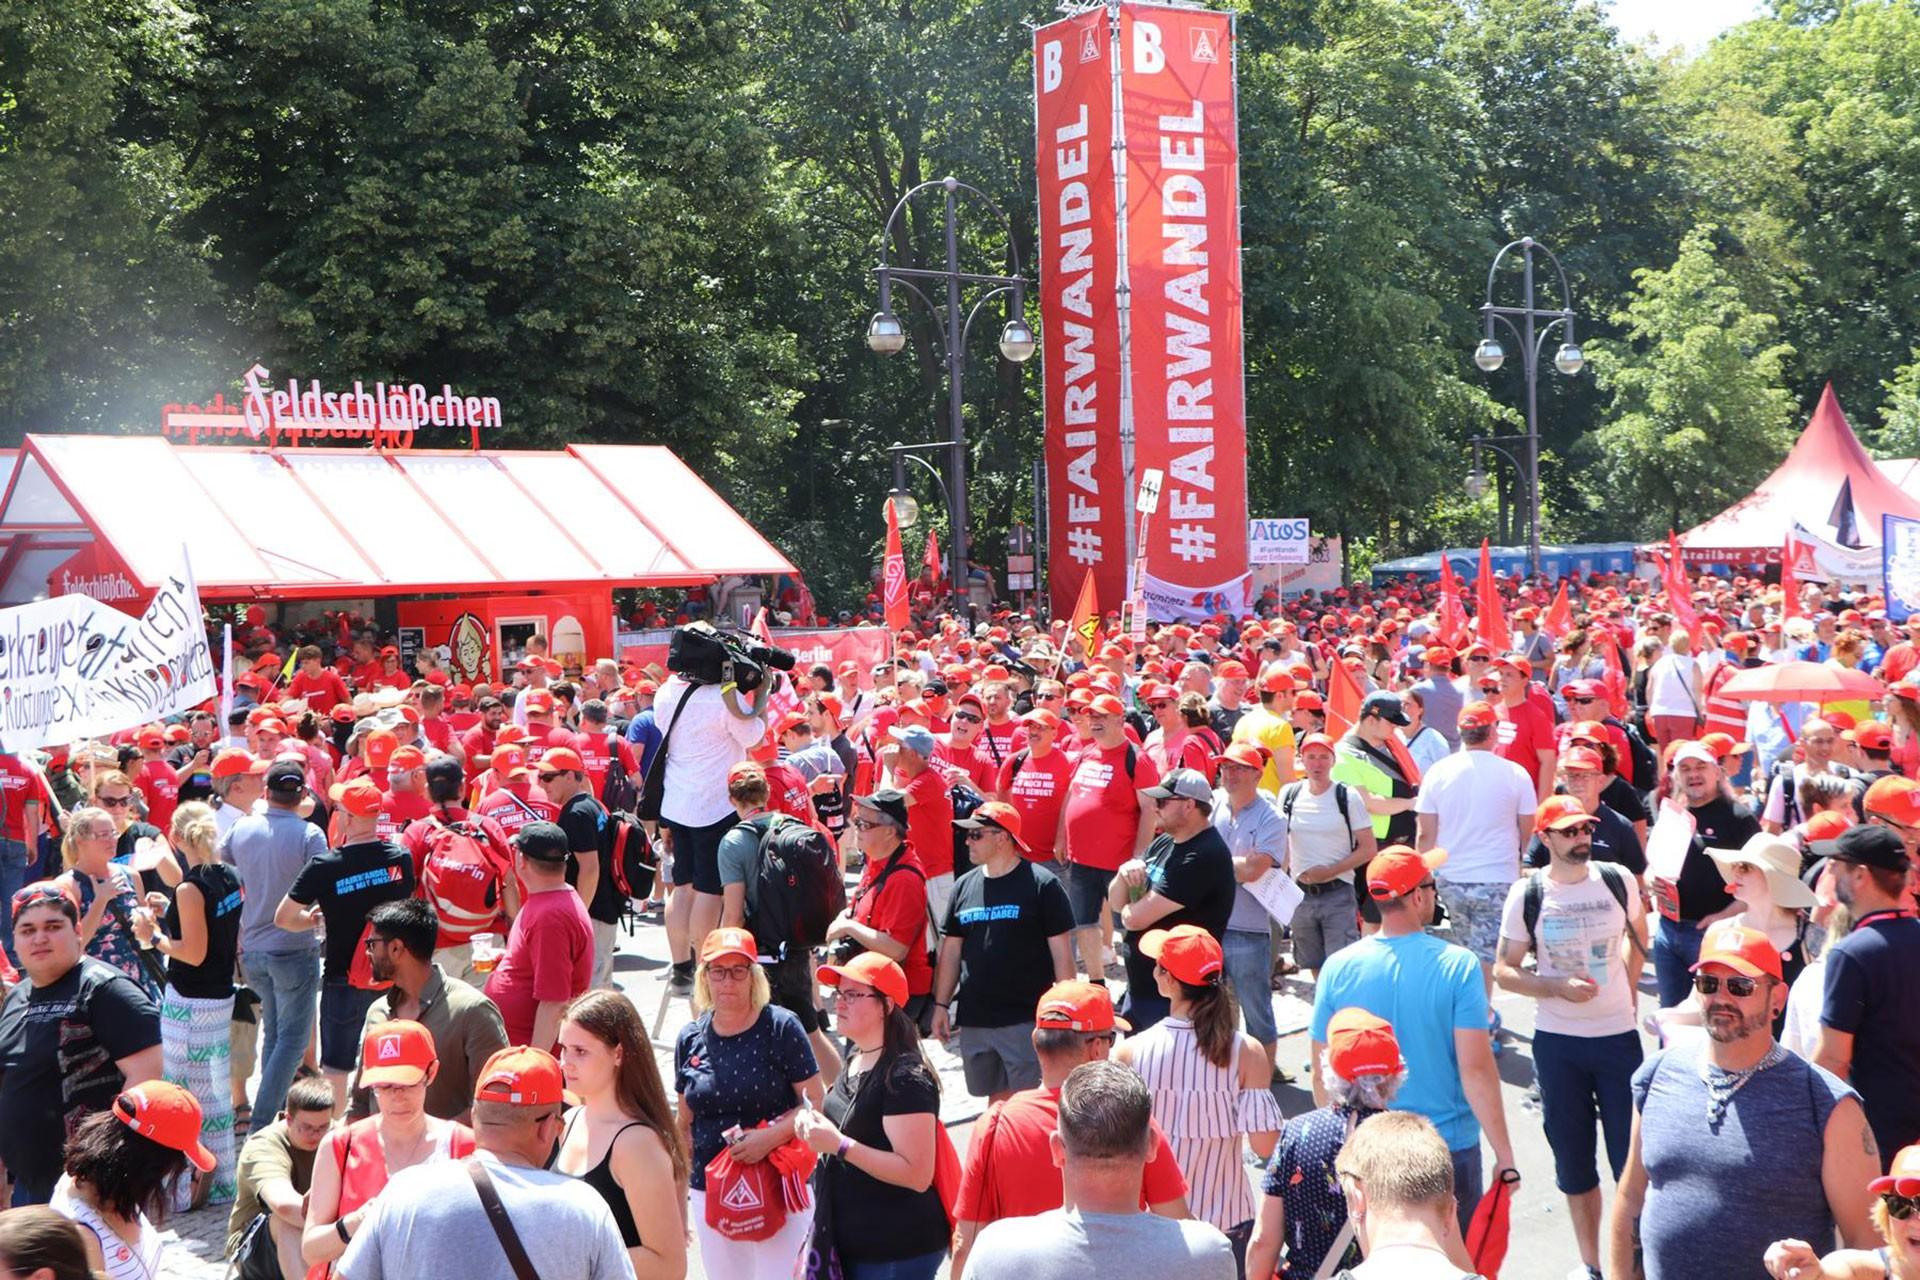 Almanya'da metal işçilerinden büyük miting: Üretimde adil dönüşüm!